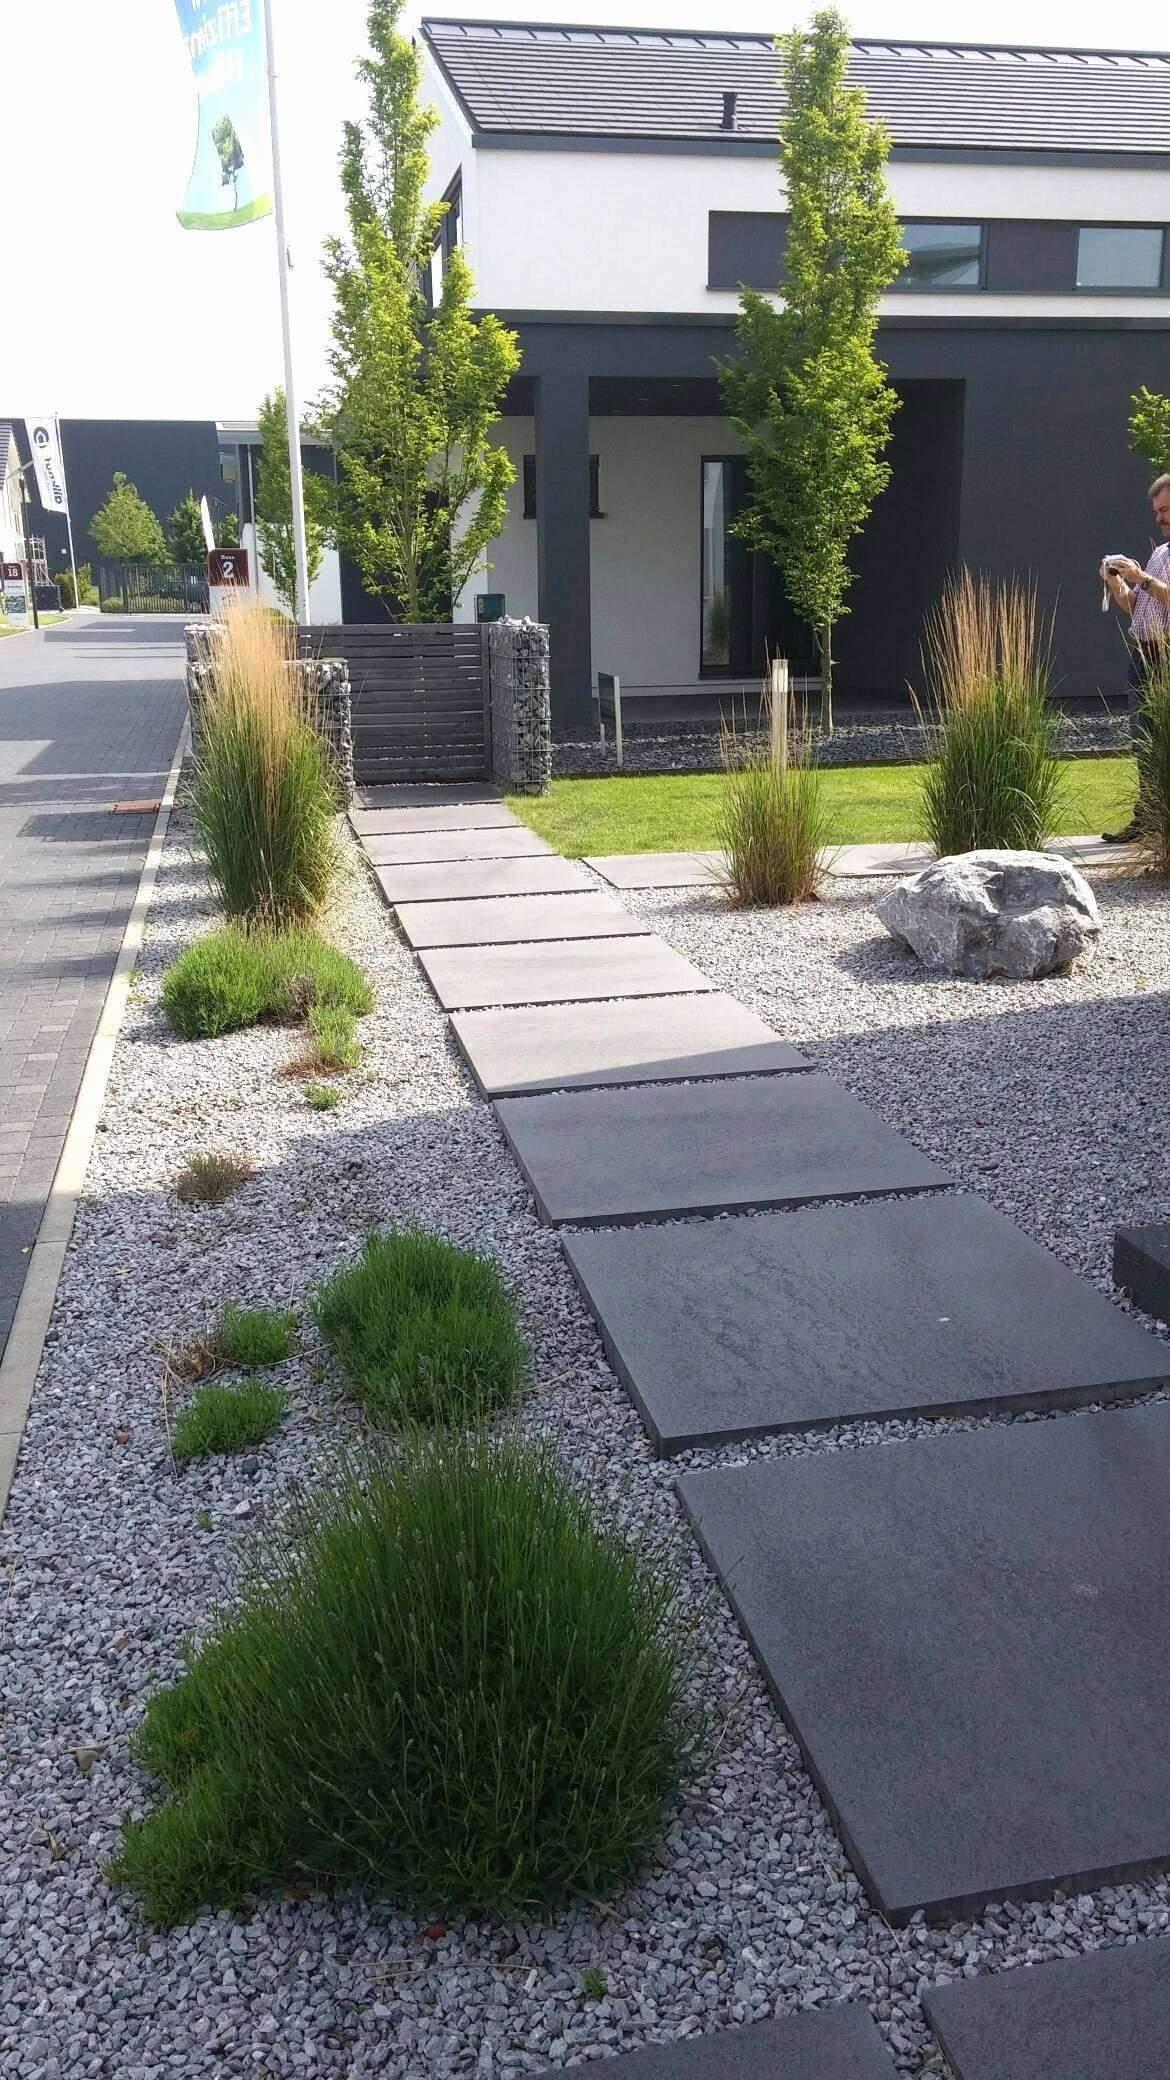 Moderner Garten Elegant 26 Genial Garten Anlegen Modern Reizend